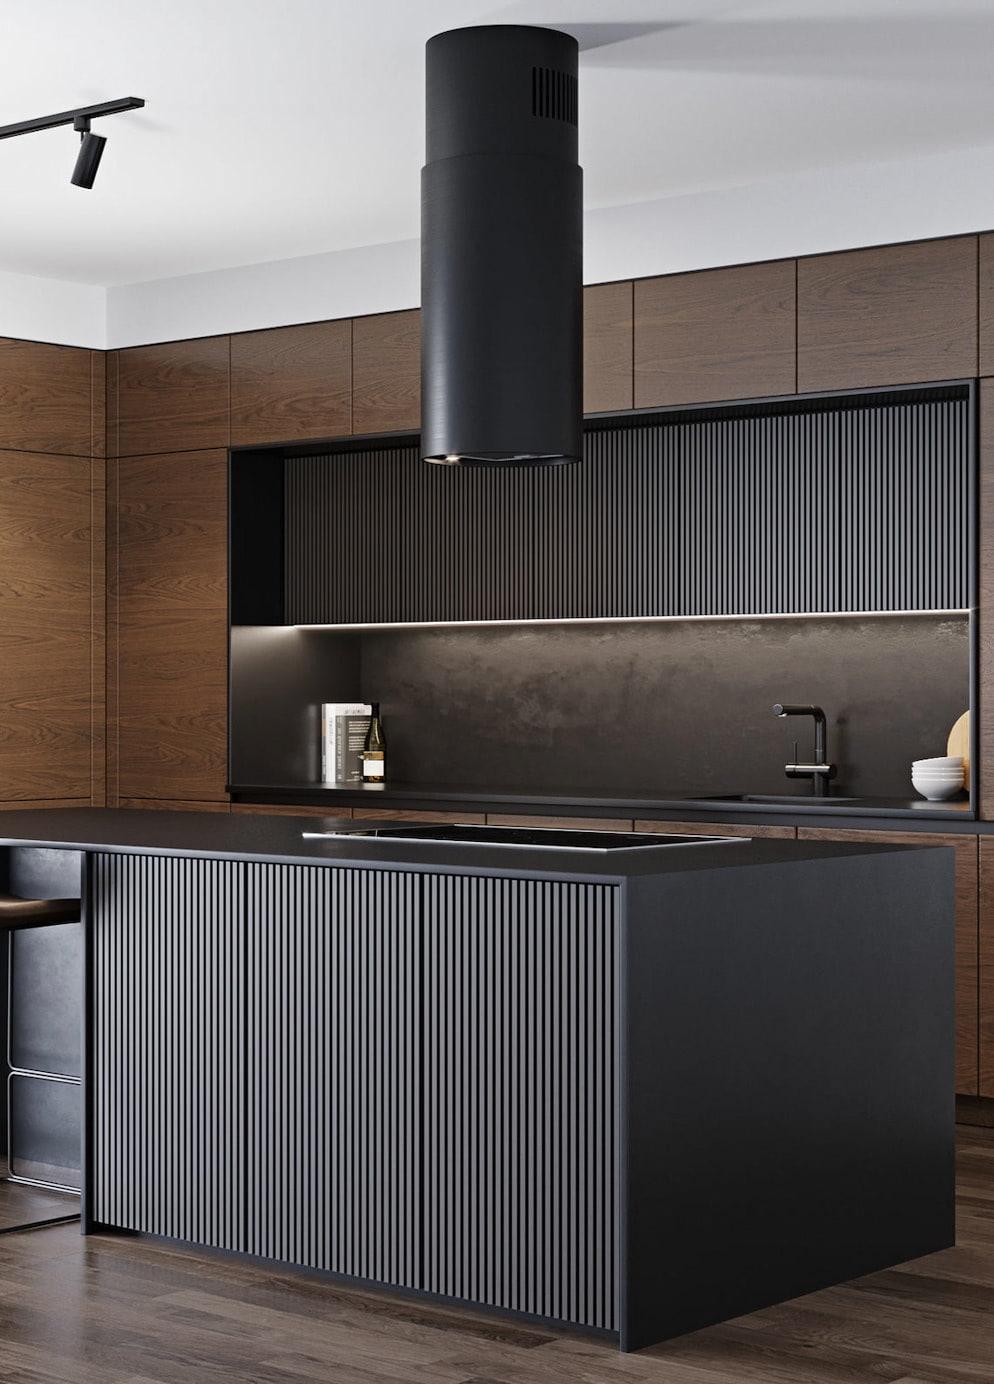 Вытяжка должна дополнять и подчеркивать выбранную стилистику кухонного помещения